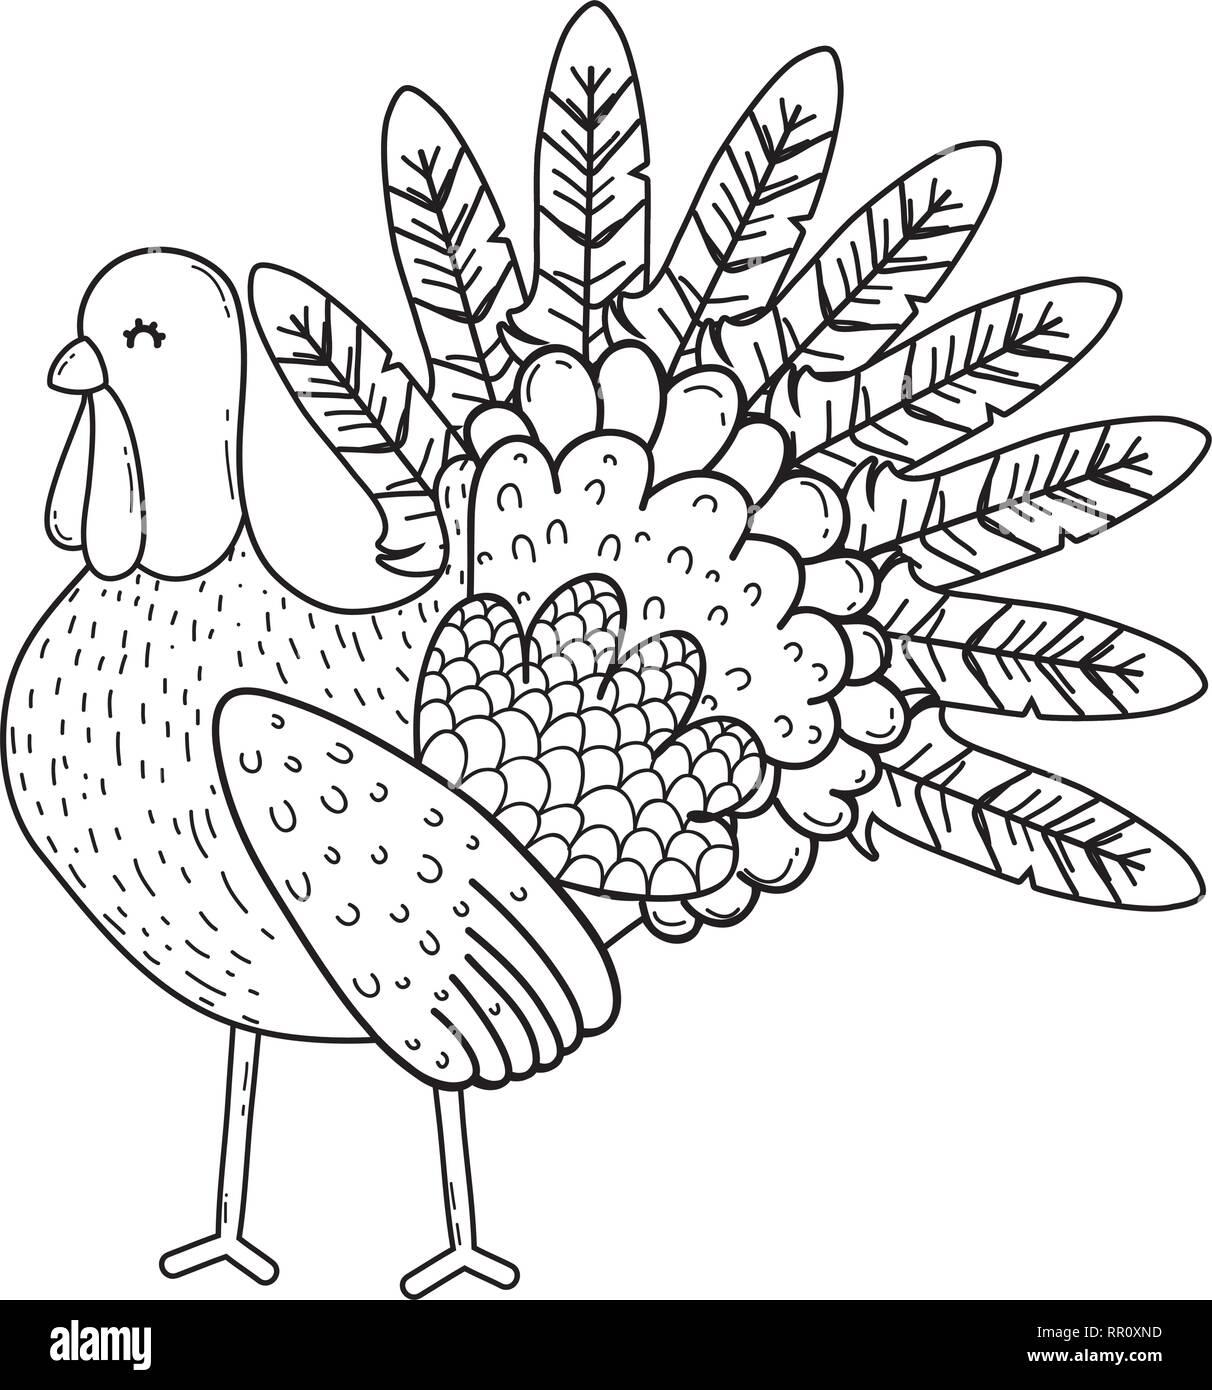 animal turkey cartoon - Stock Vector